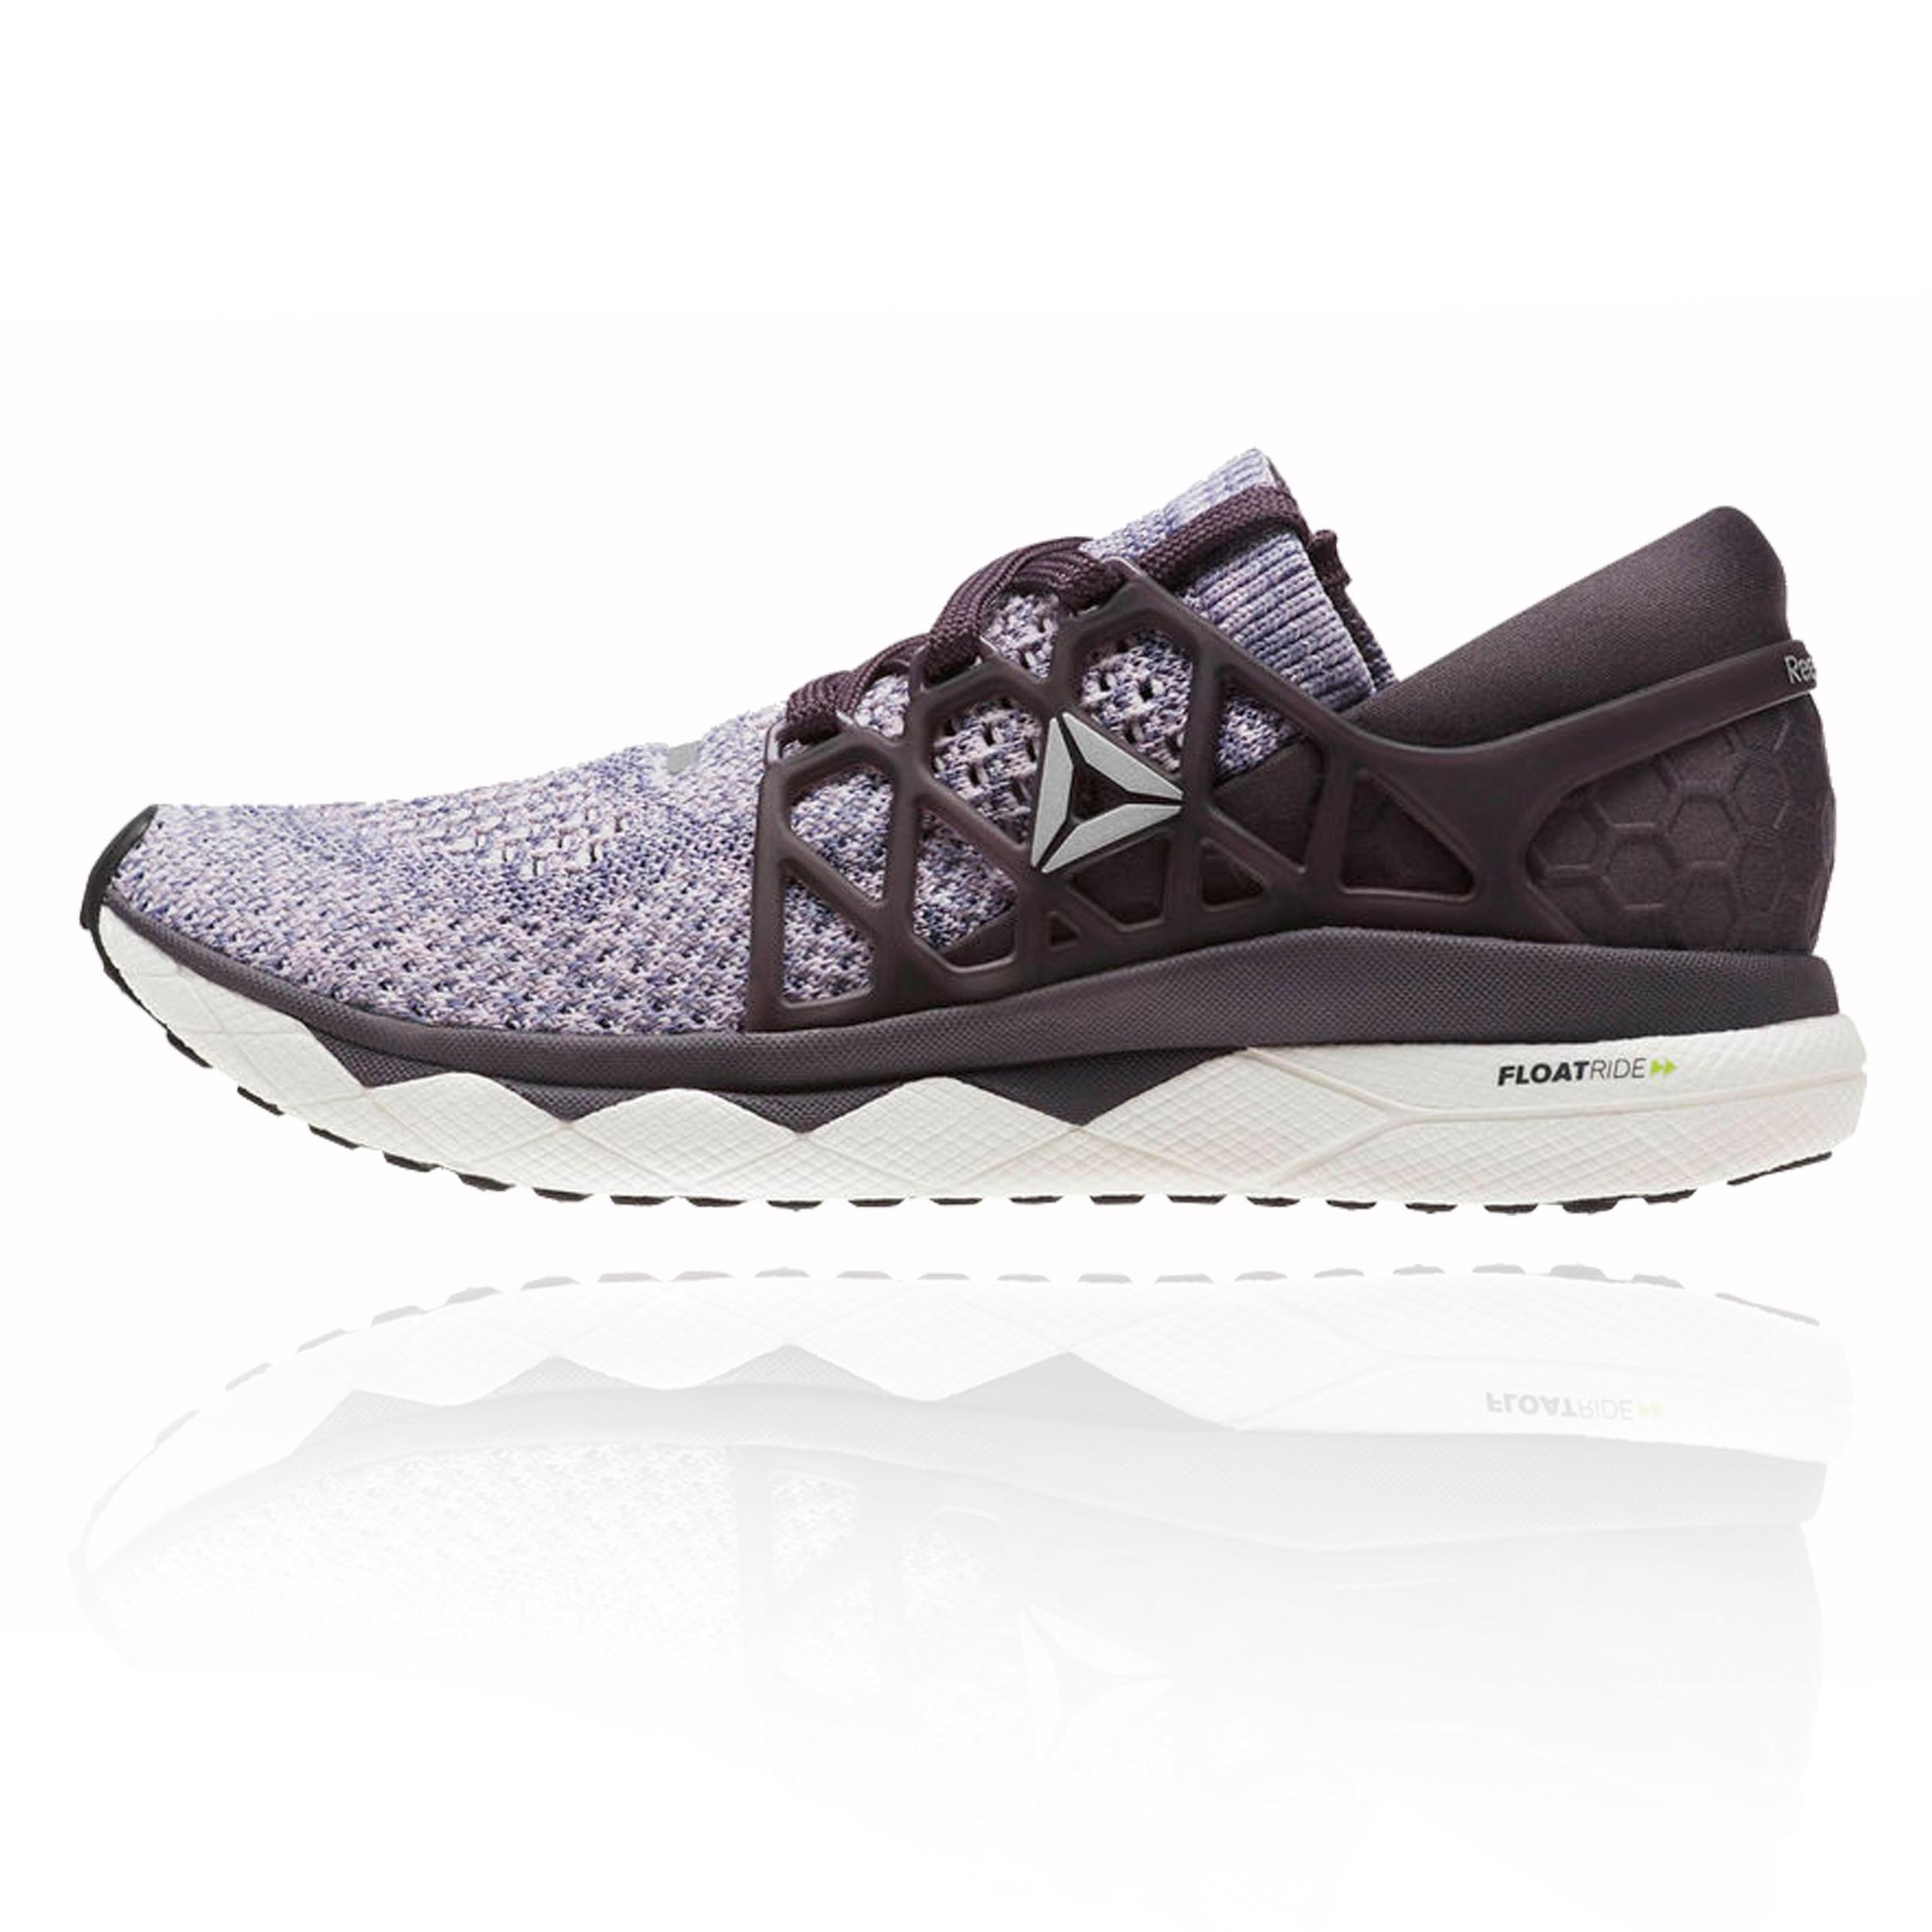 Details about Reebok Womens Floatride Run Ultraknit Running Shoes Trainers Sneakers  Purple 7fc5efa98